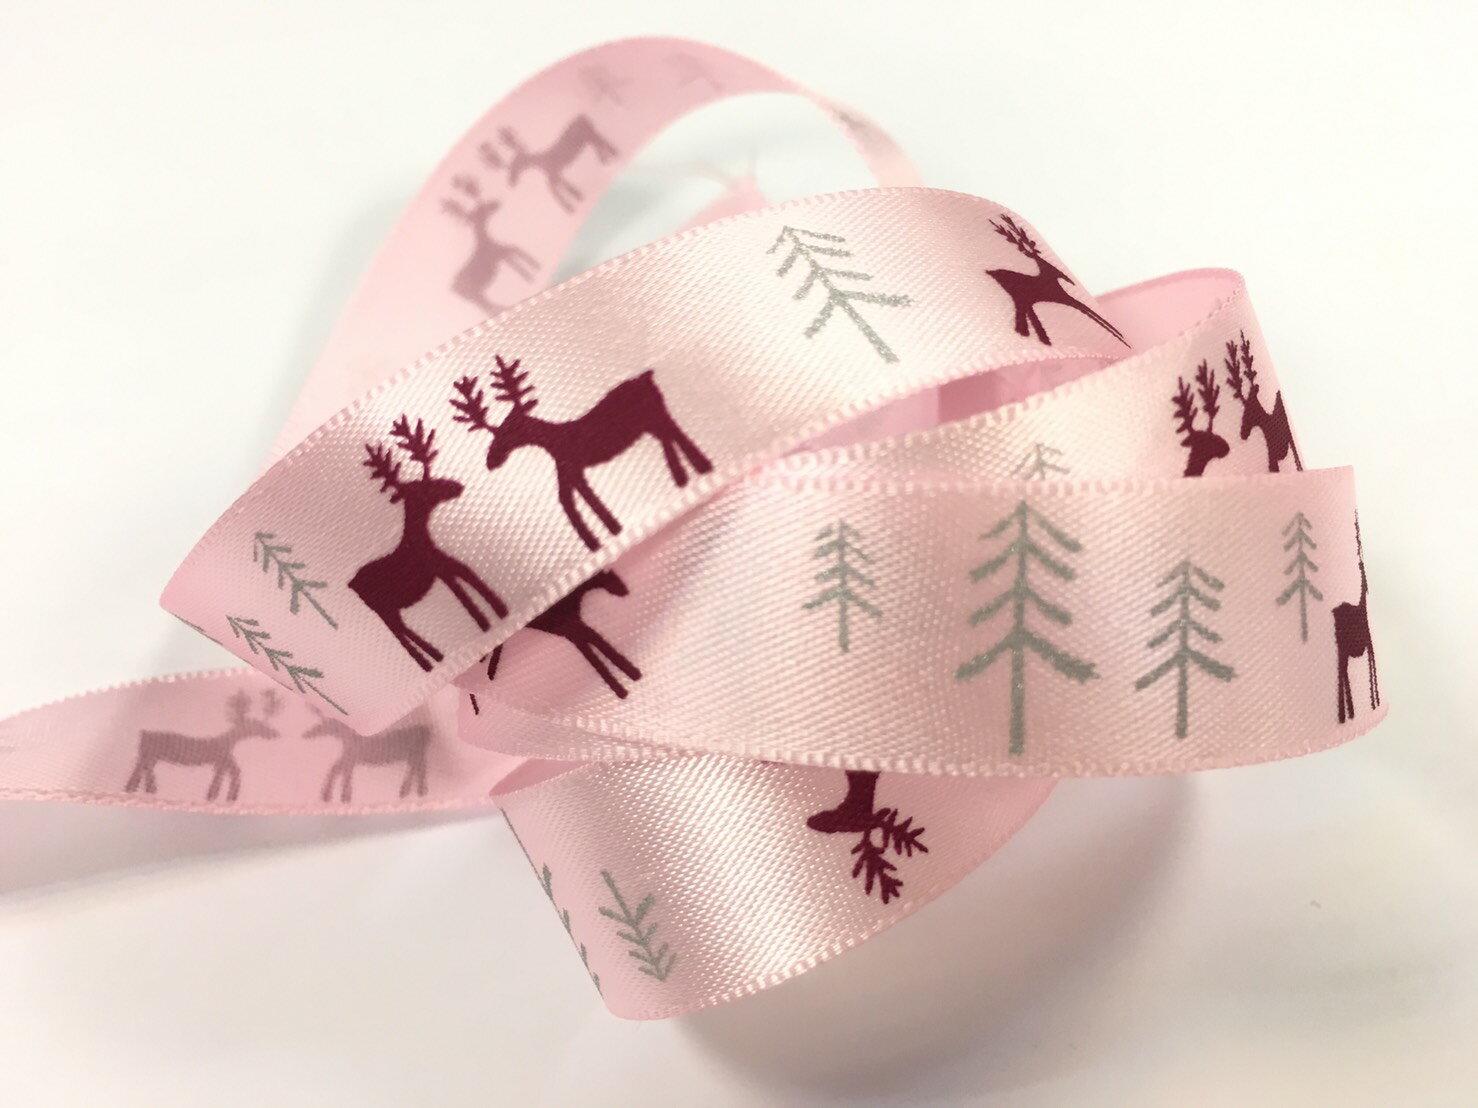 聖誕麋鹿雪樹緞帶15mm3碼裝(單緞面7色) 2